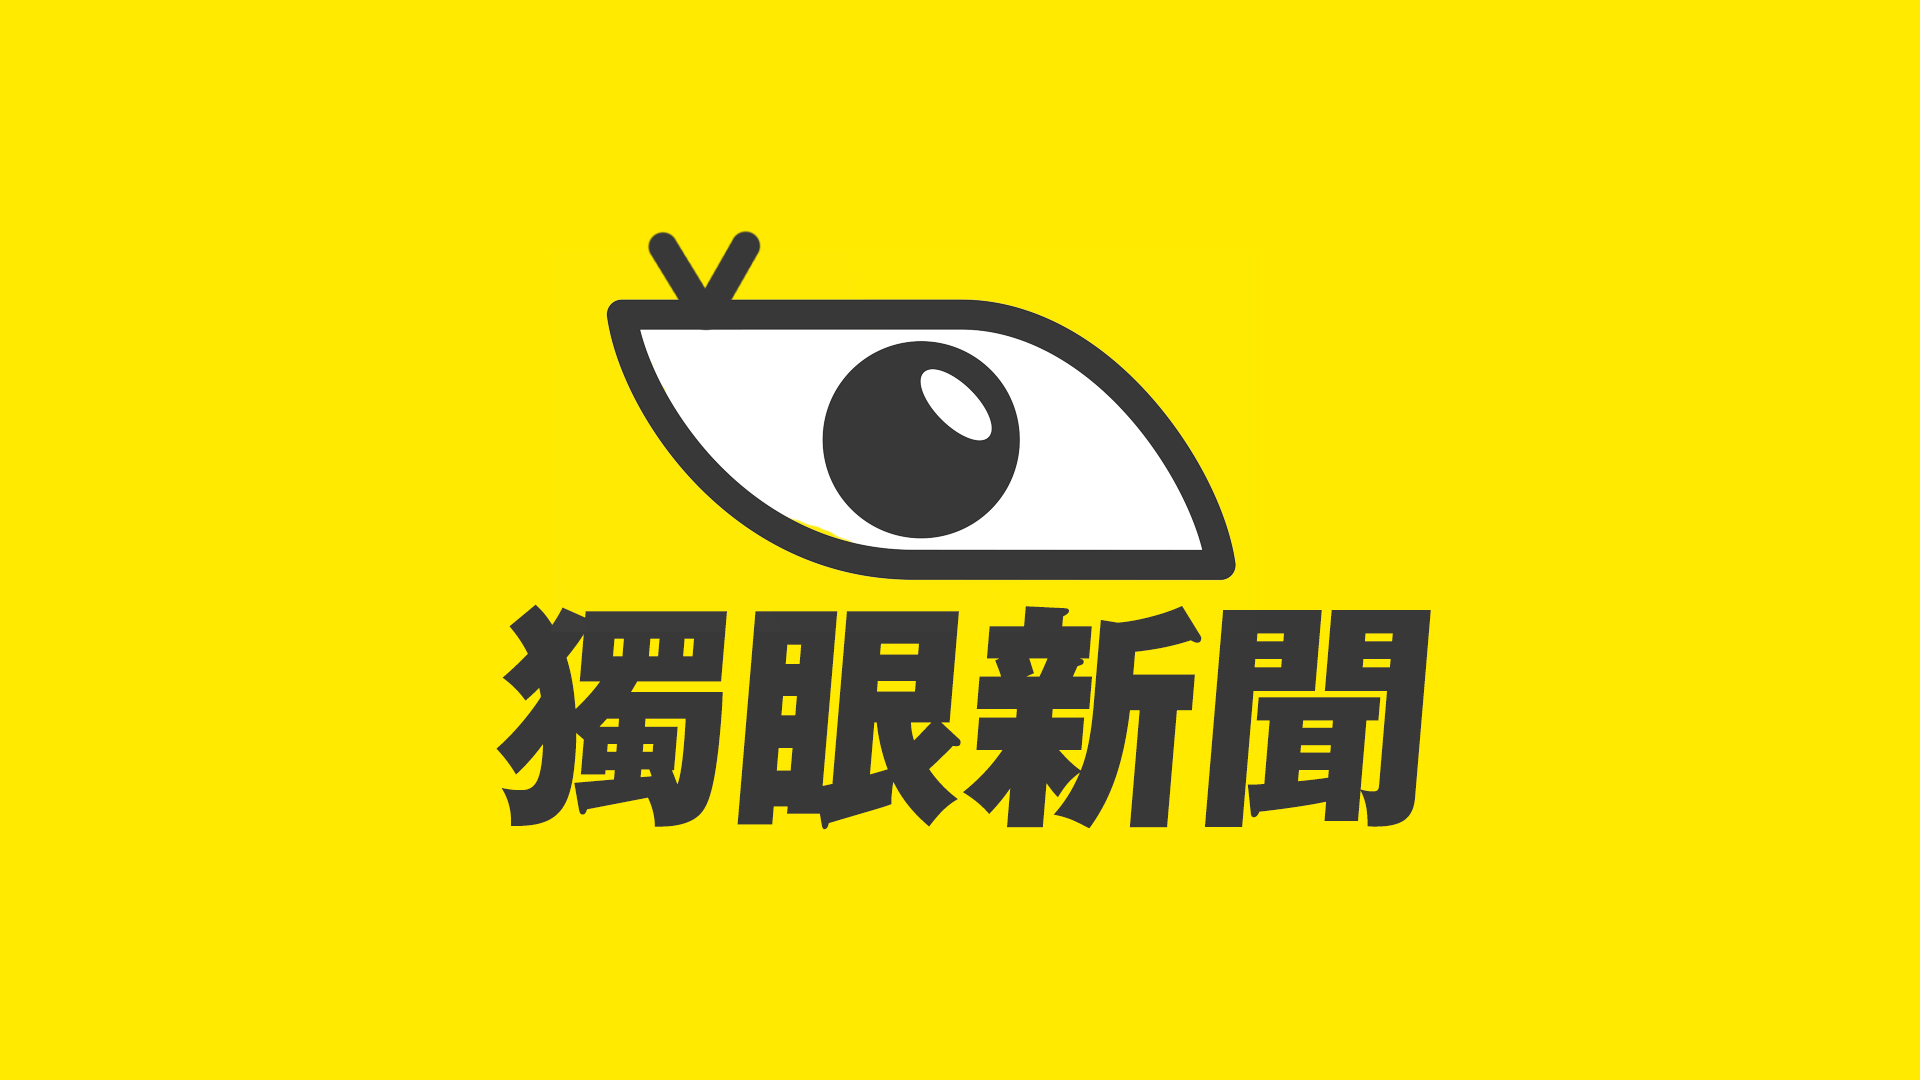 黃之鋒遭拘捕!呼籲外界更關注12名被送中的年輕人